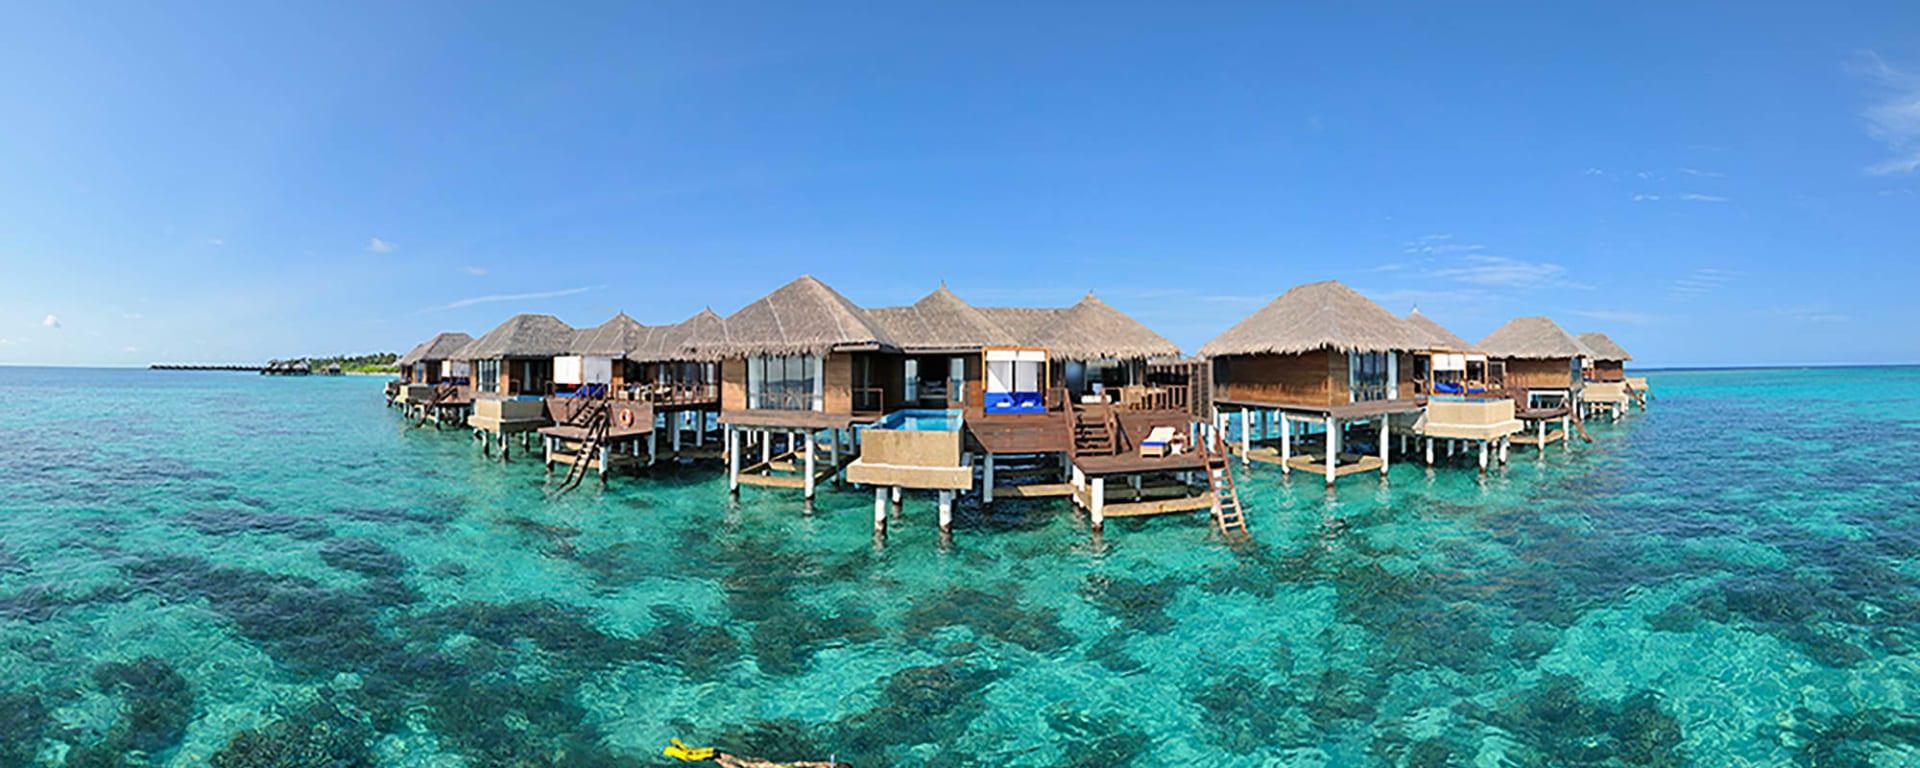 Coco Bodu Hithi in Malediven: Malediven Coco Bodu Hithi Coco Residence Wing